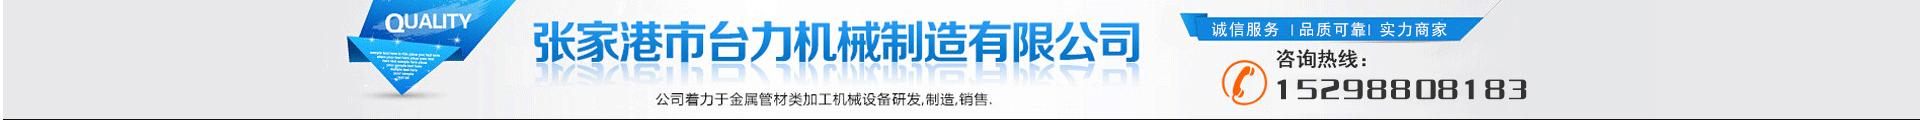 張家港市臺力機械製造有限公司